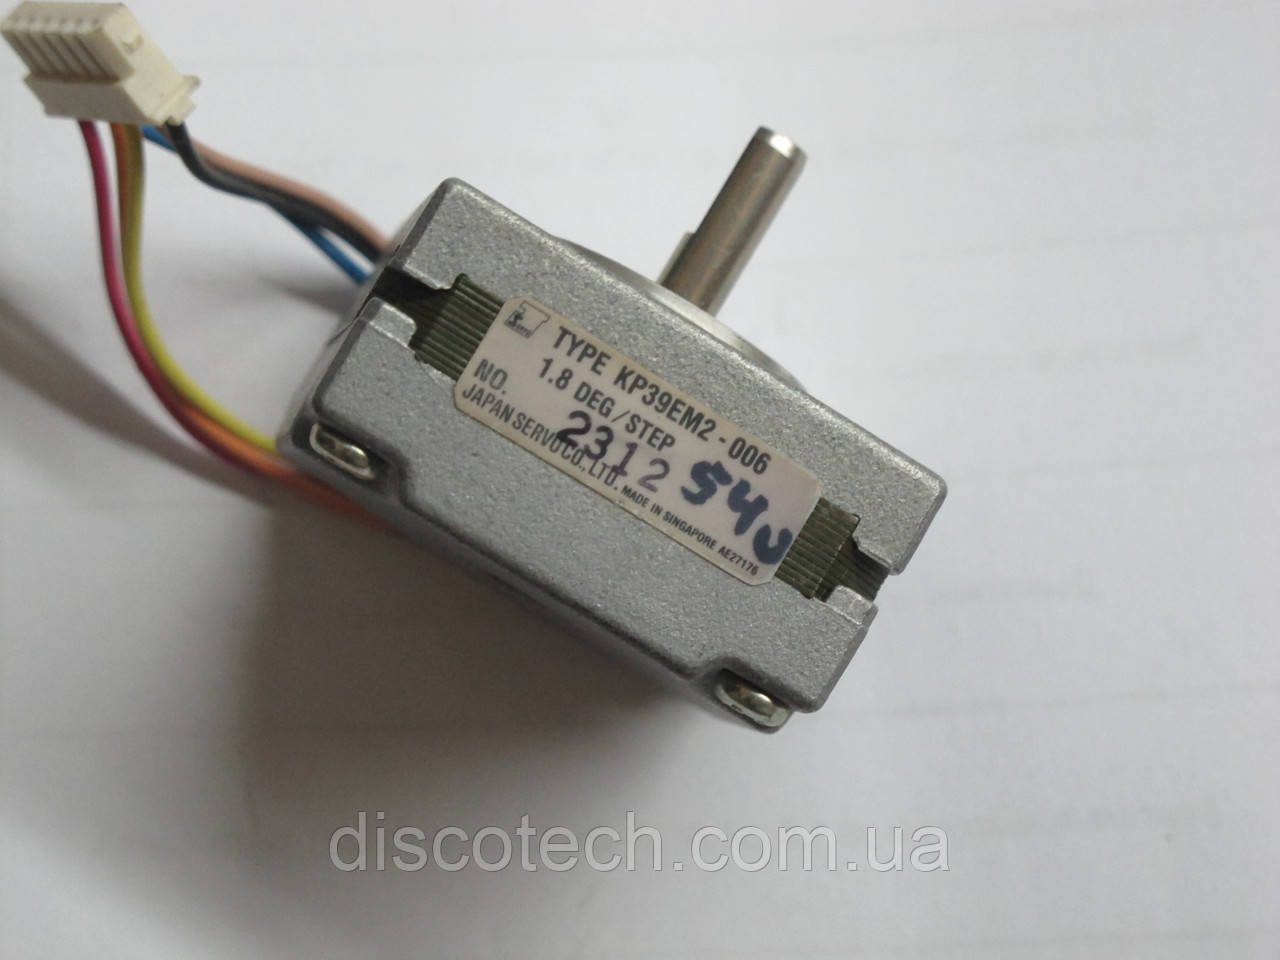 Двигатель шаговый уп 1,8 ф5,0/ 54 Ом KP39EM-006